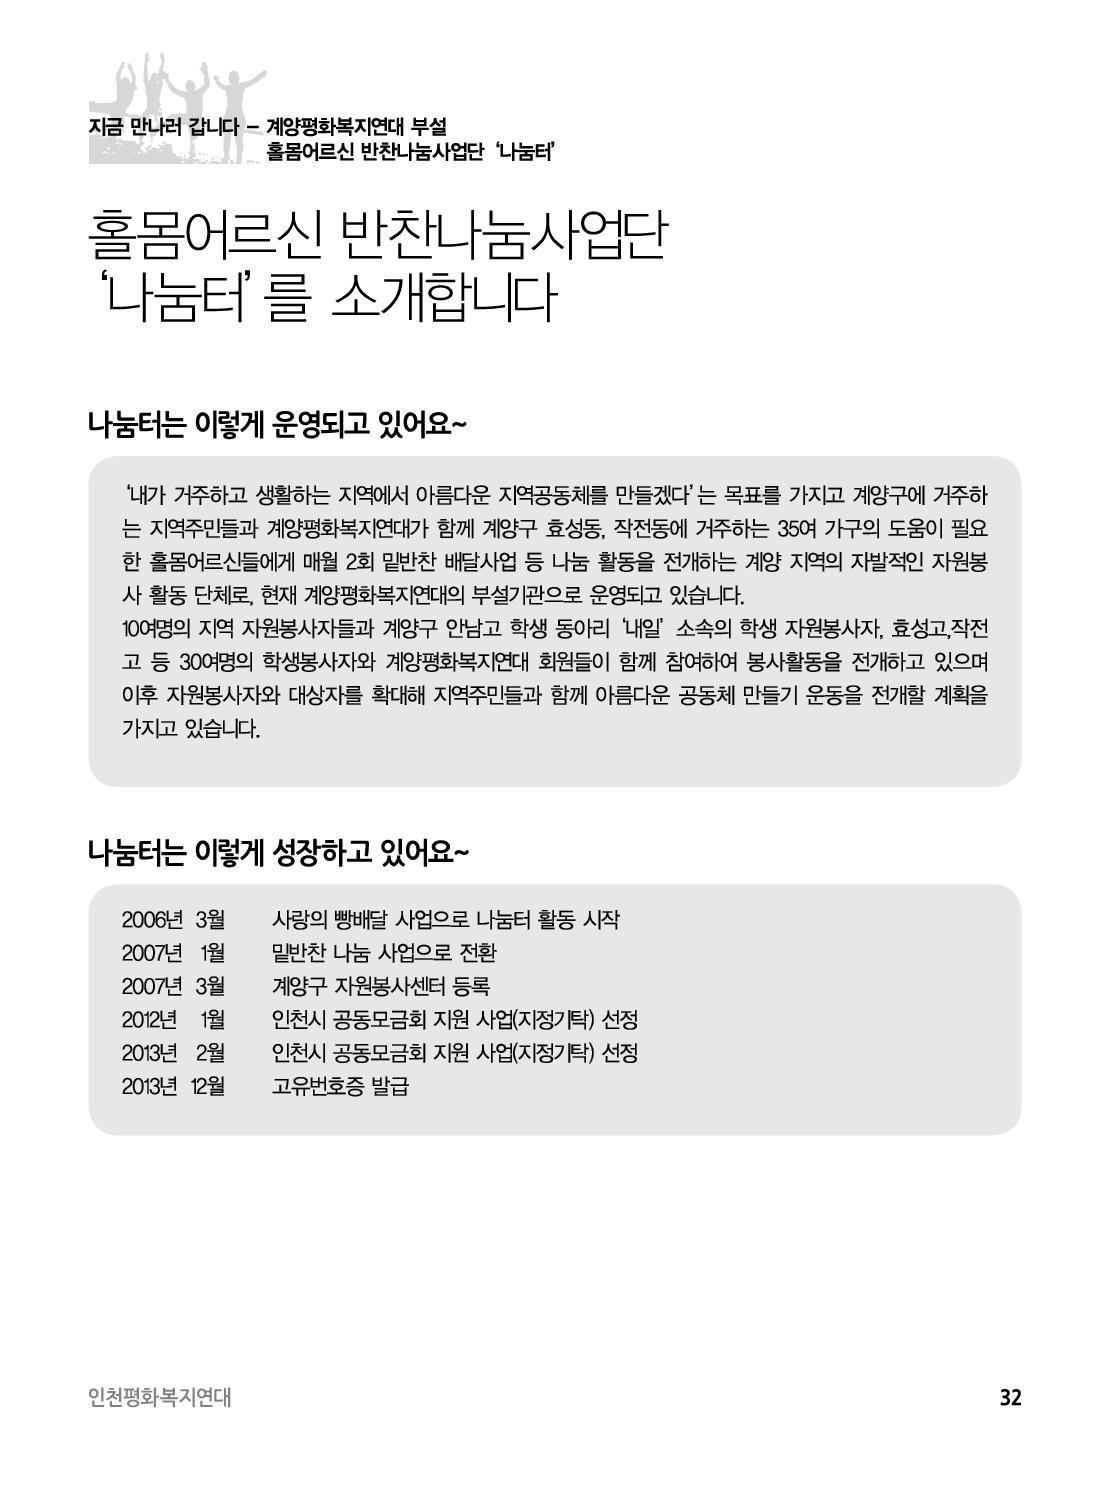 아웃라인 인천평화복지연대 소식지창간준비3호32.jpg